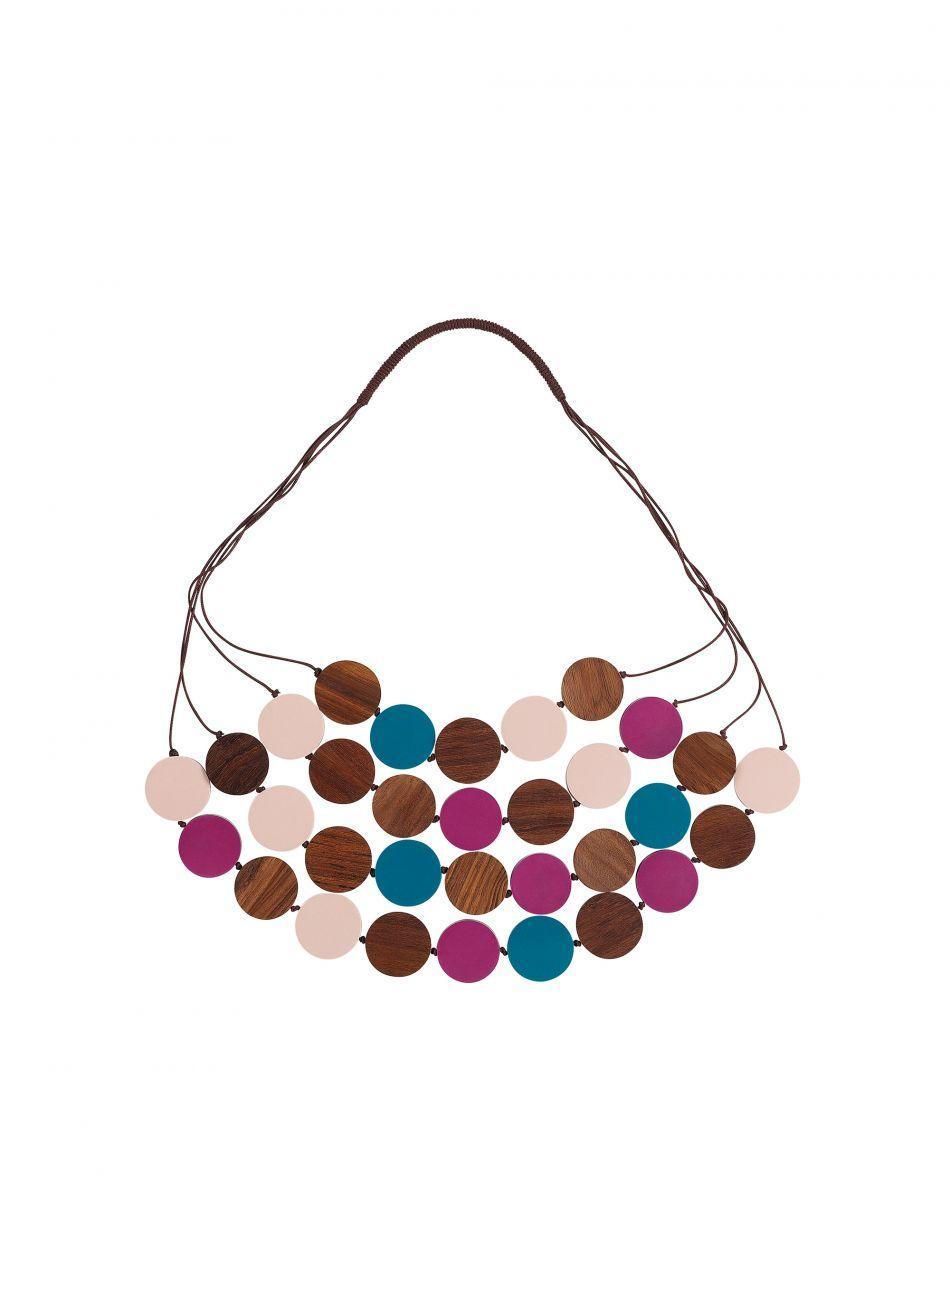 Marimekko Purkkis necklace - Leikillään jewellery collection inspired by designer Mia Maljojoki's childhood adventures.